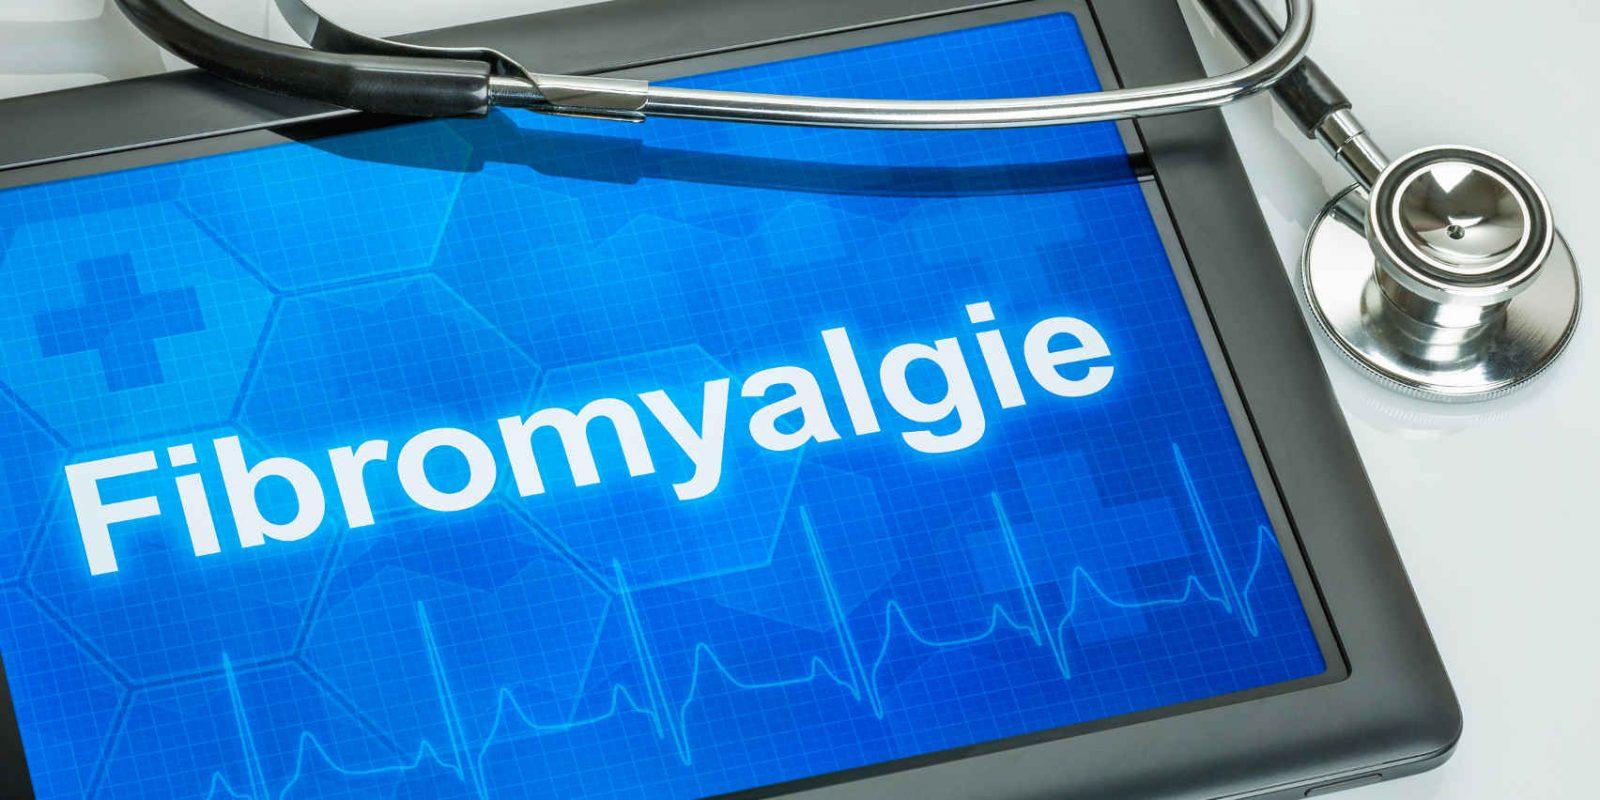 Linderung auch bei Fibromyalgie